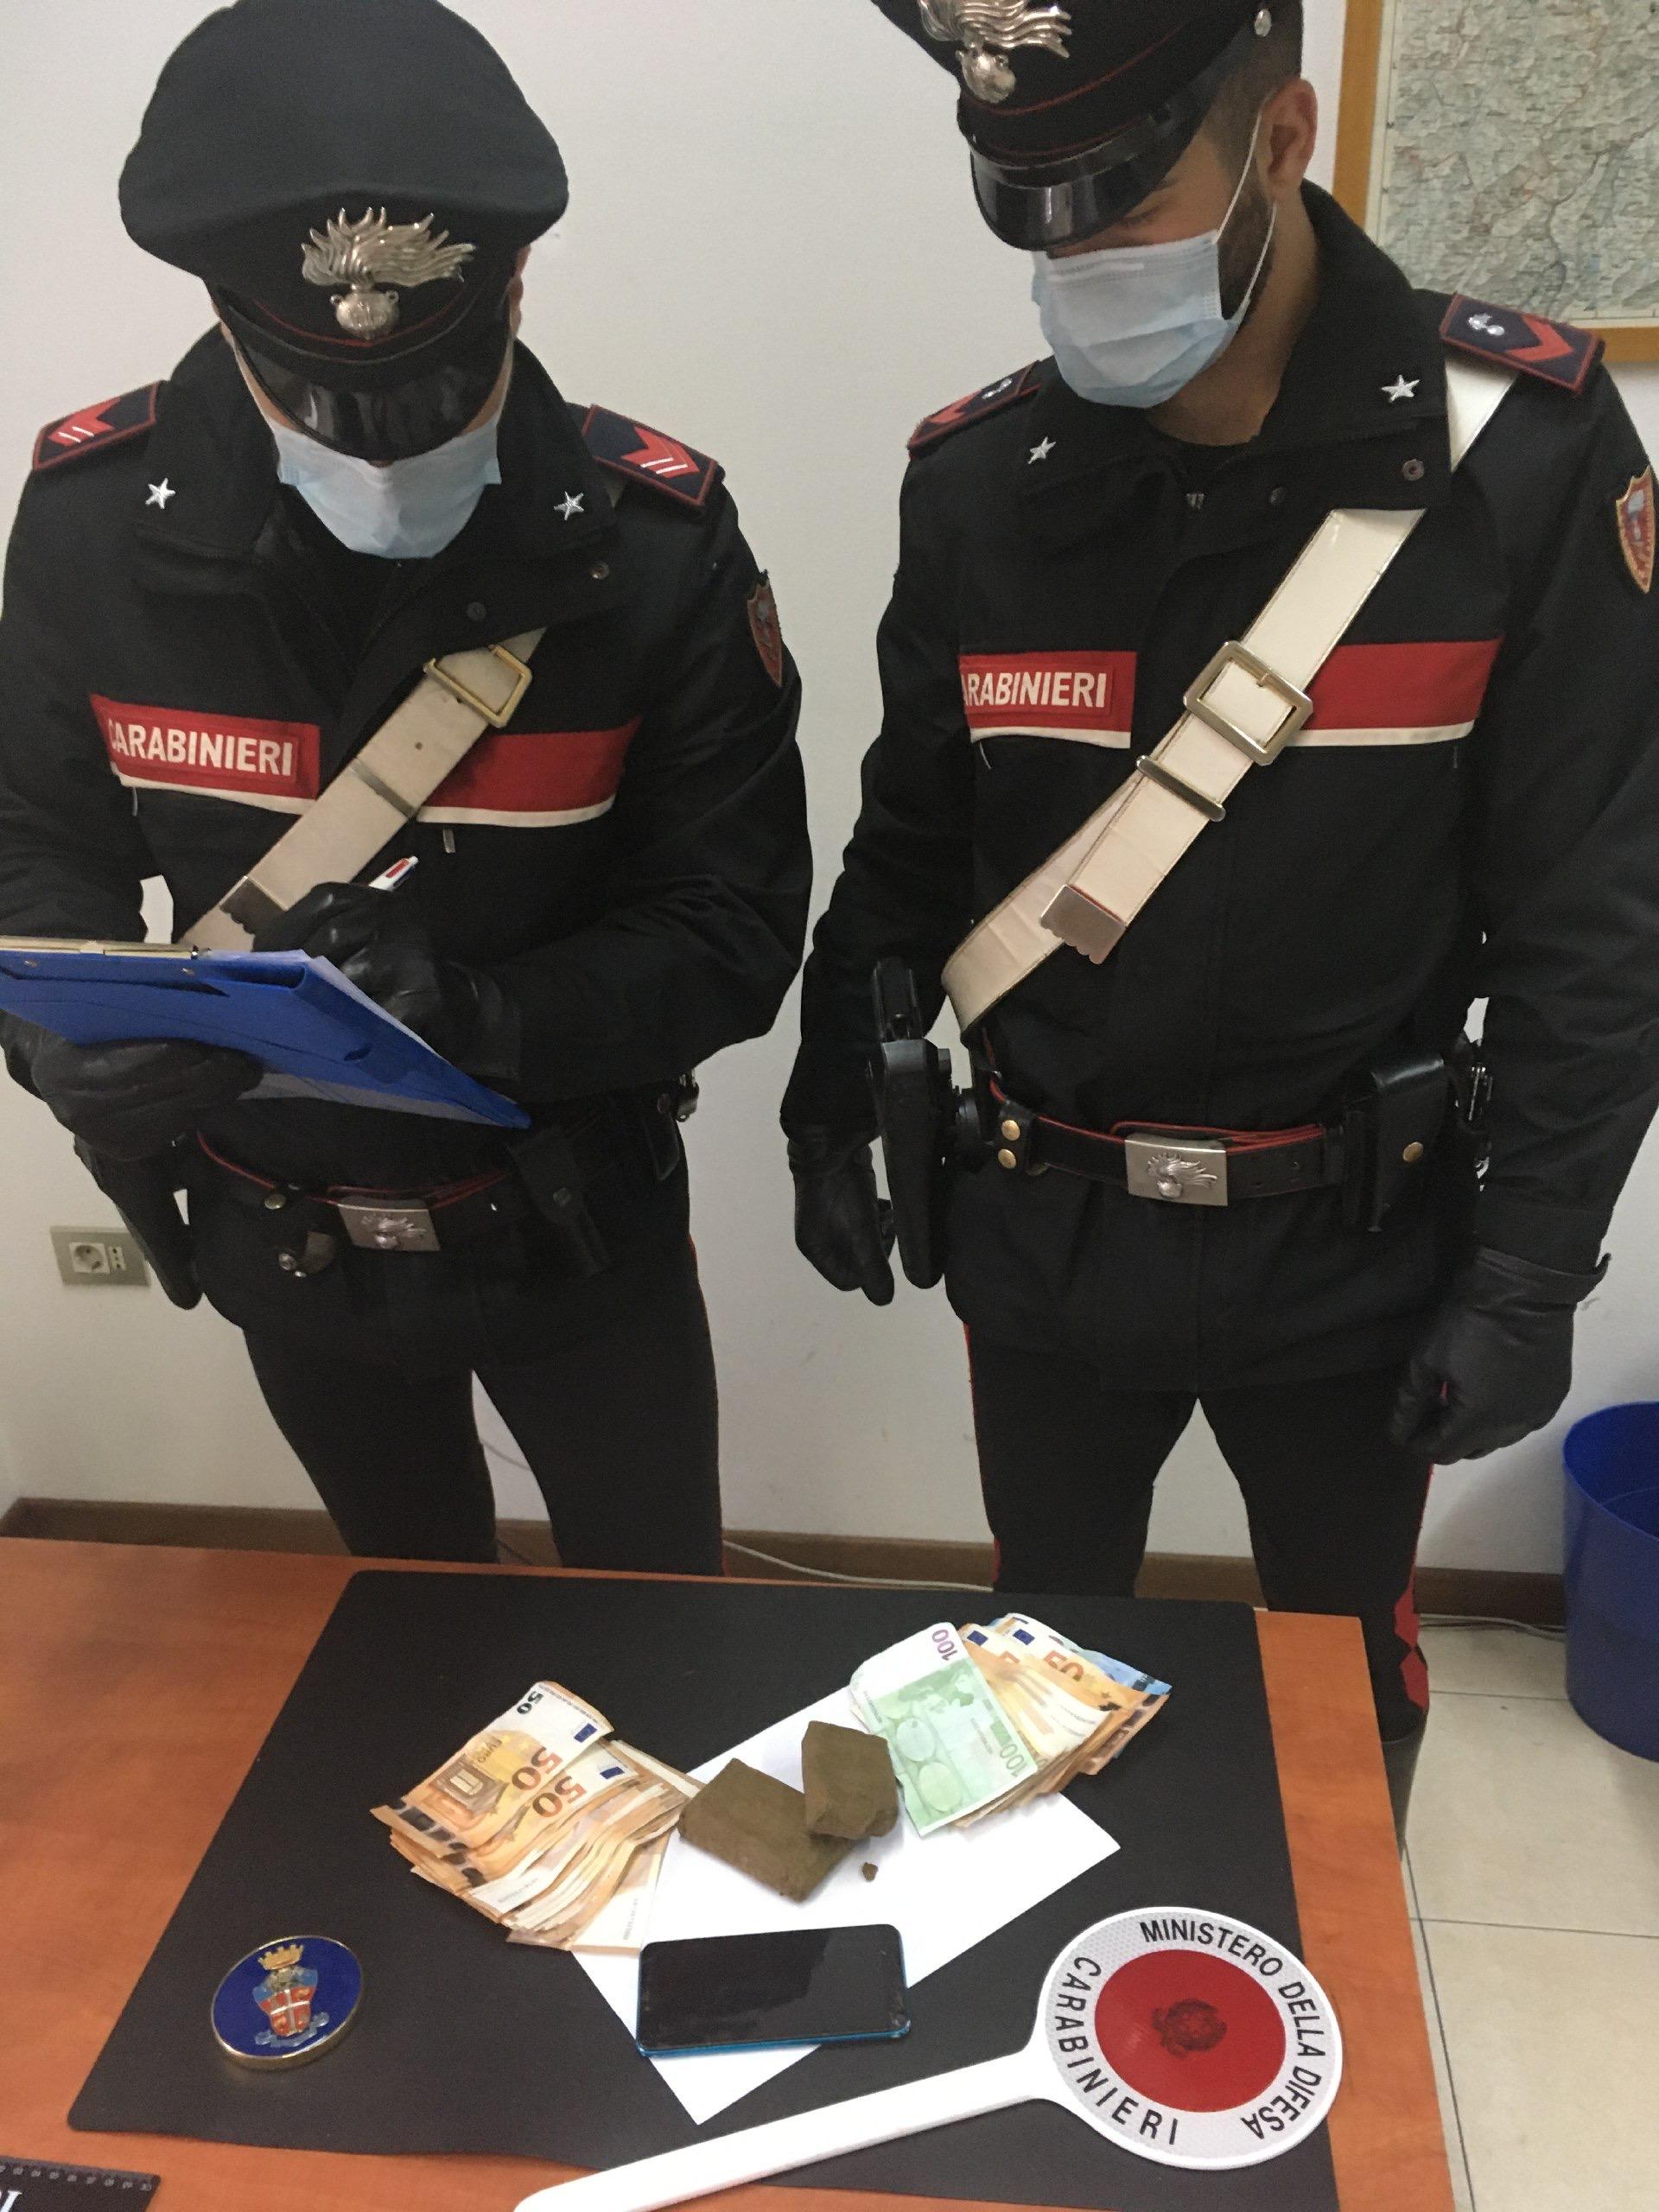 In possesso di 190 grammi di hashish e 3.150 euro in contanti: arrestato per spaccio un 45enne marocchino